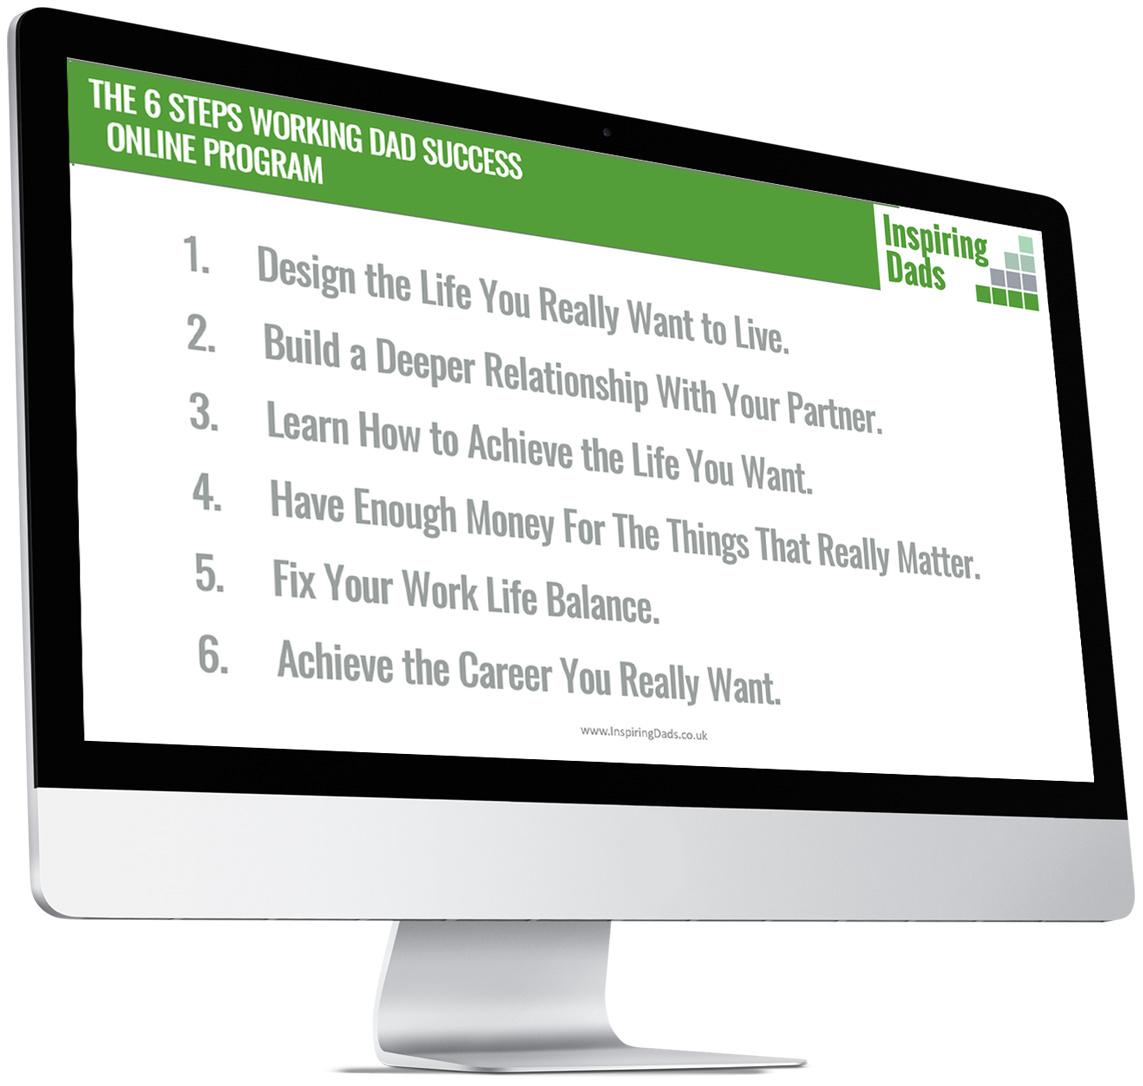 The 6 Steps Framework